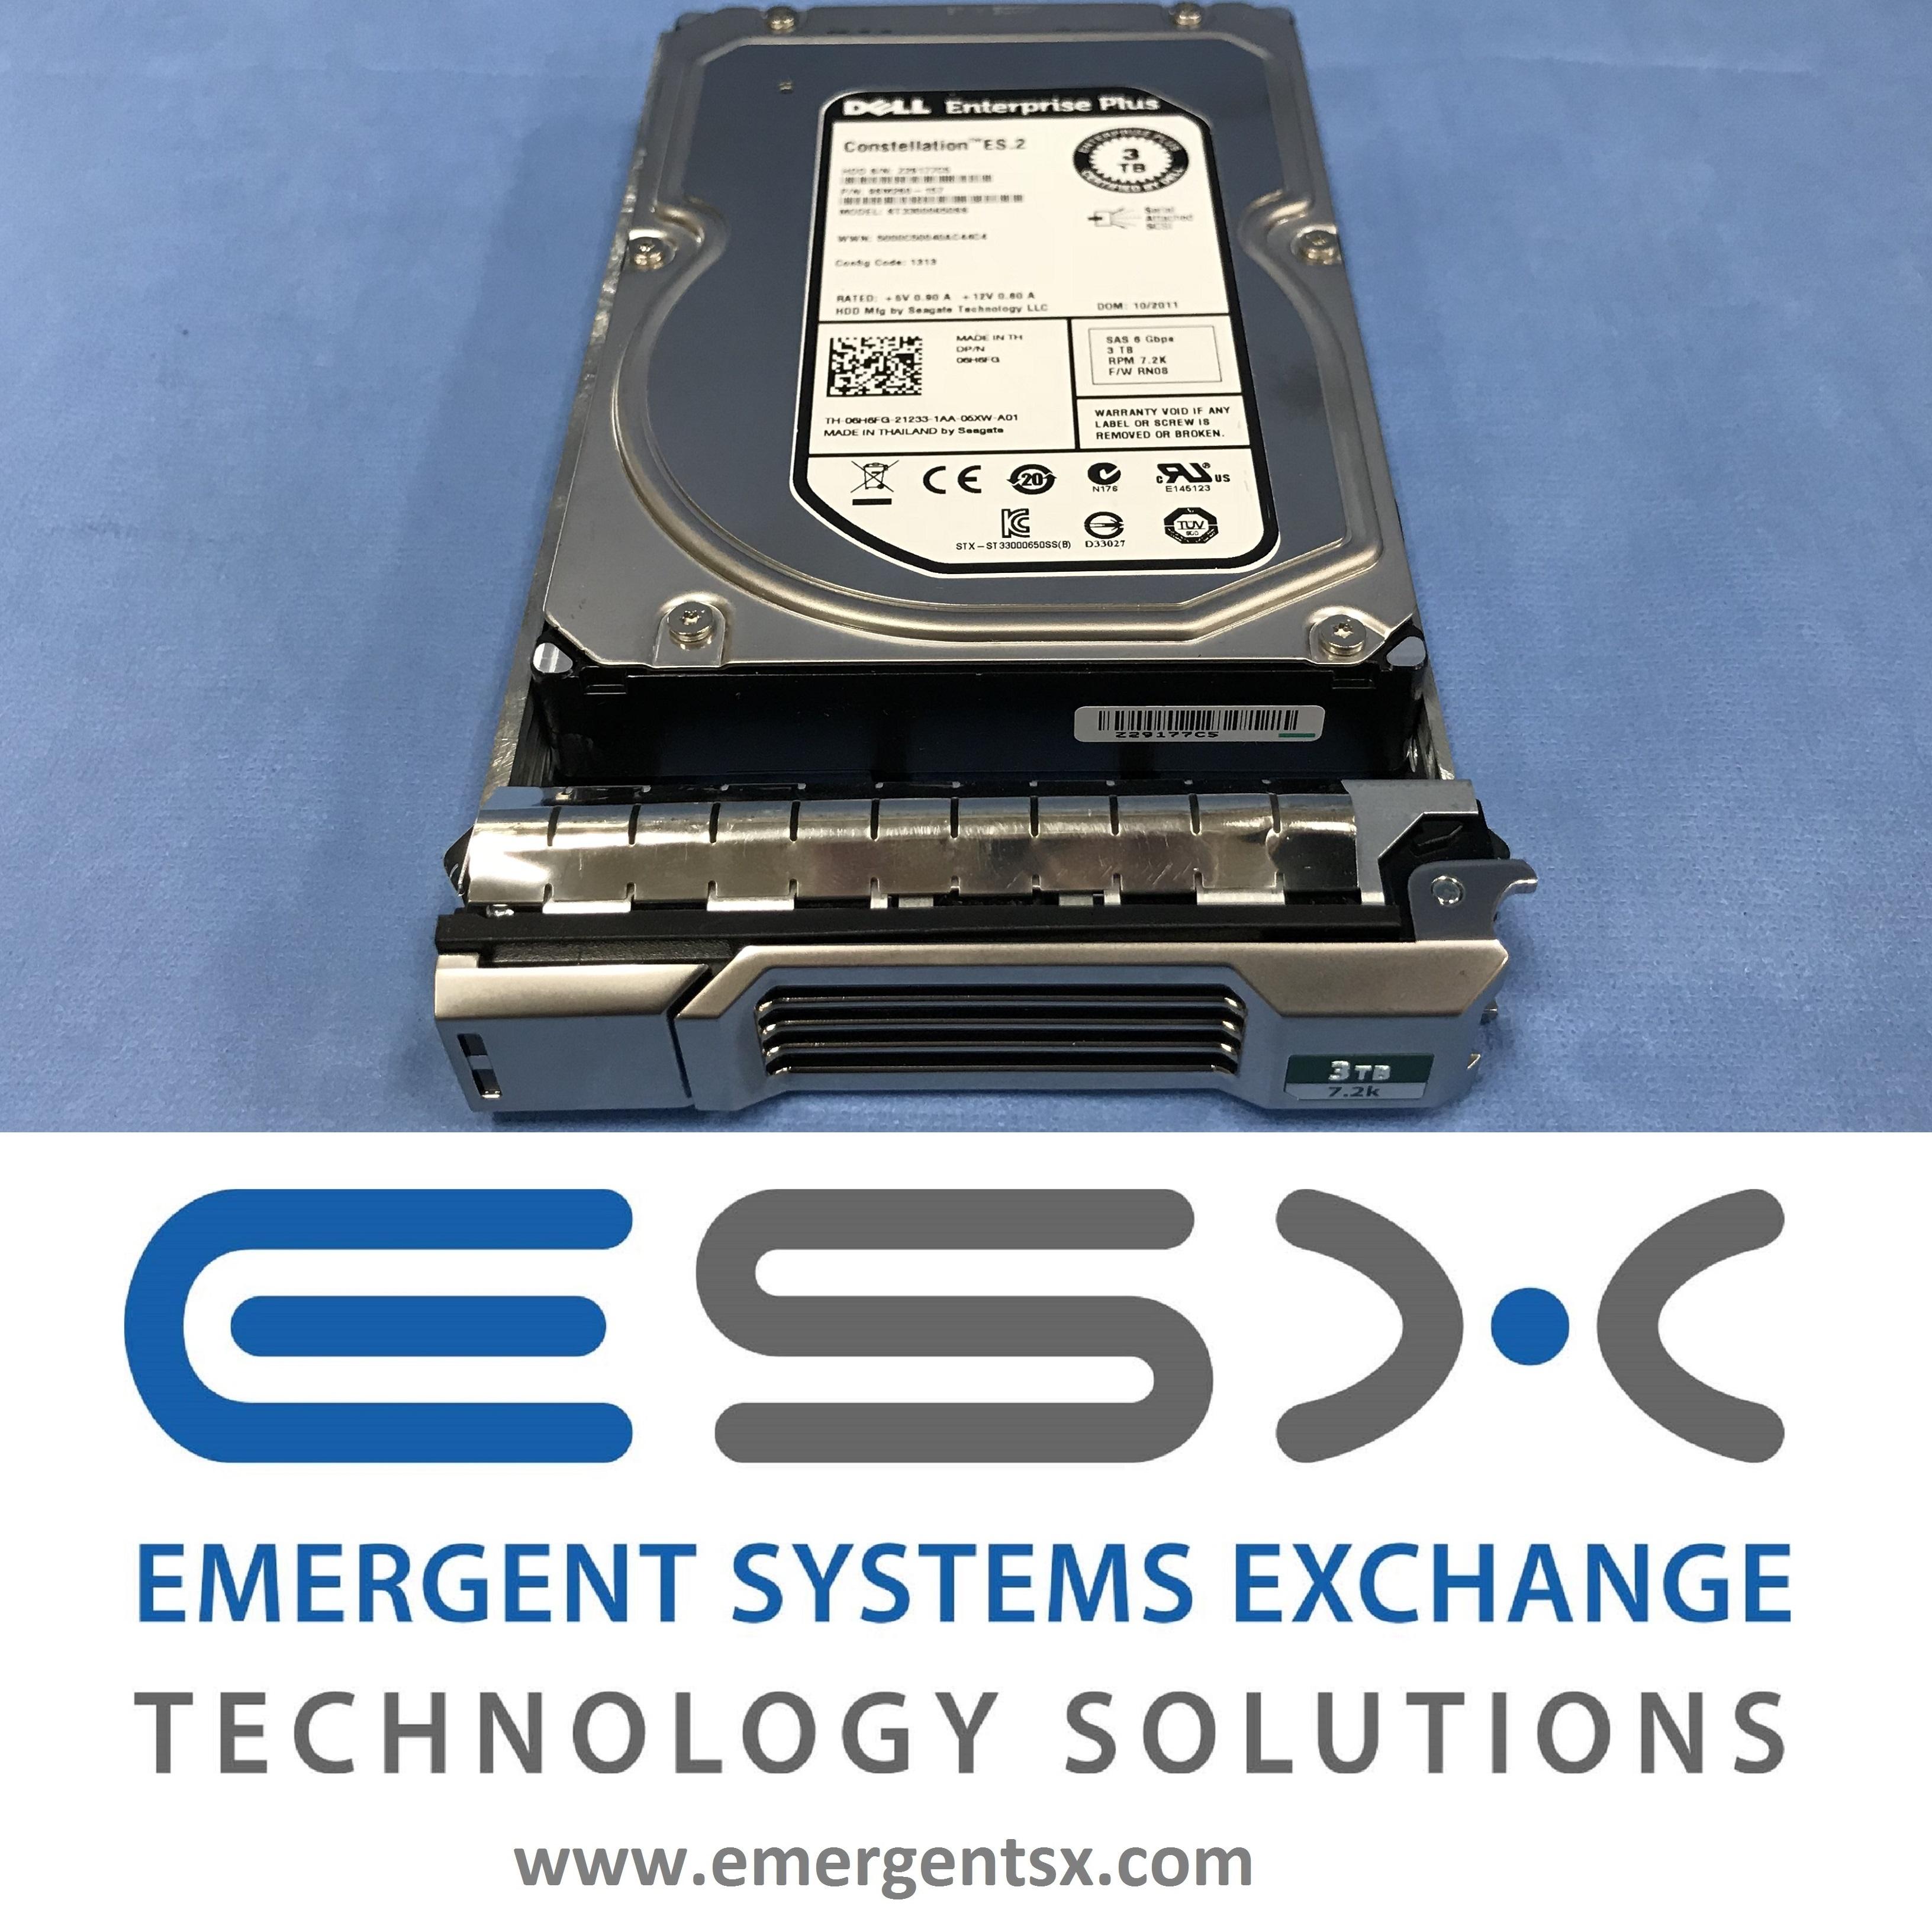 Dell EqualLogic 3TB 7.2K SAS Hard Drive 6H6FG PS4100 PS4110 PS6100 PS6110 PS6210